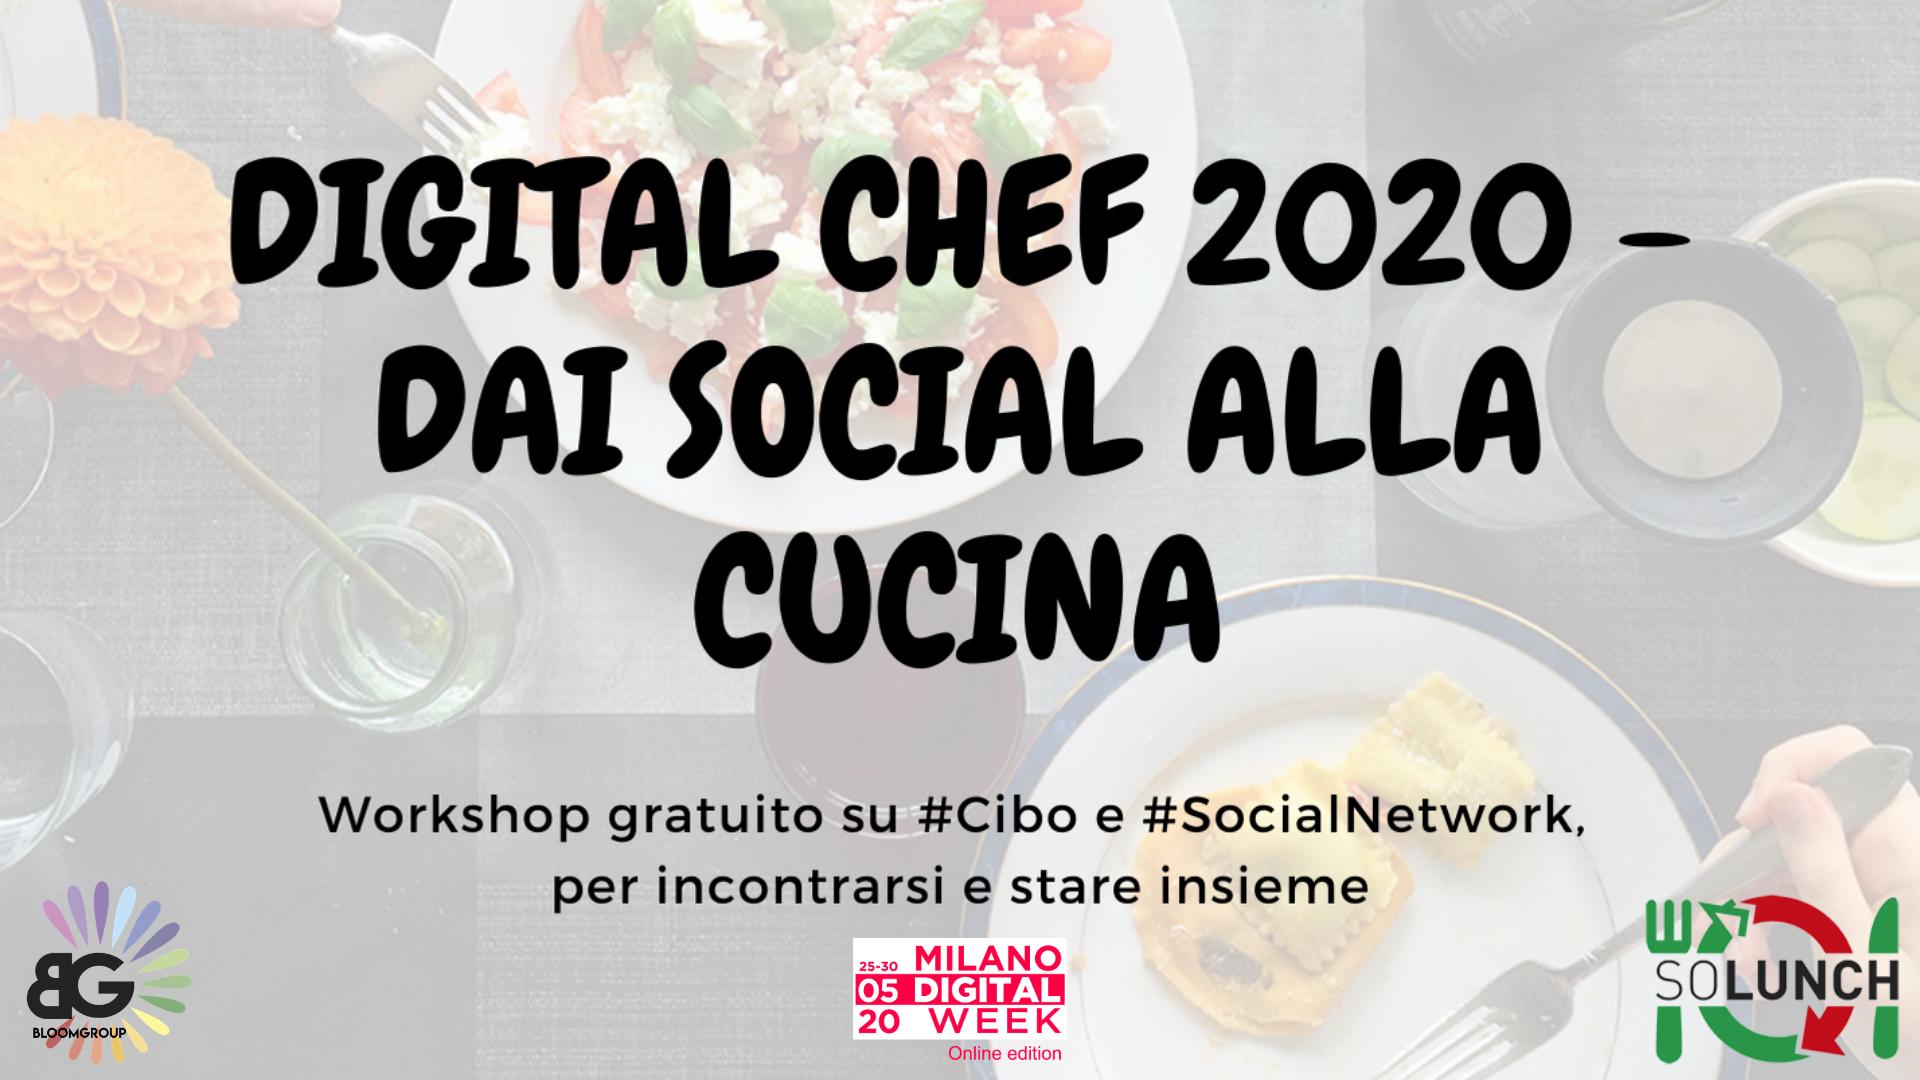 Diventa un Digital Chef! Scopri come utilizzare Facebook e Instagram per far conoscere la tua cucina – Parte 1